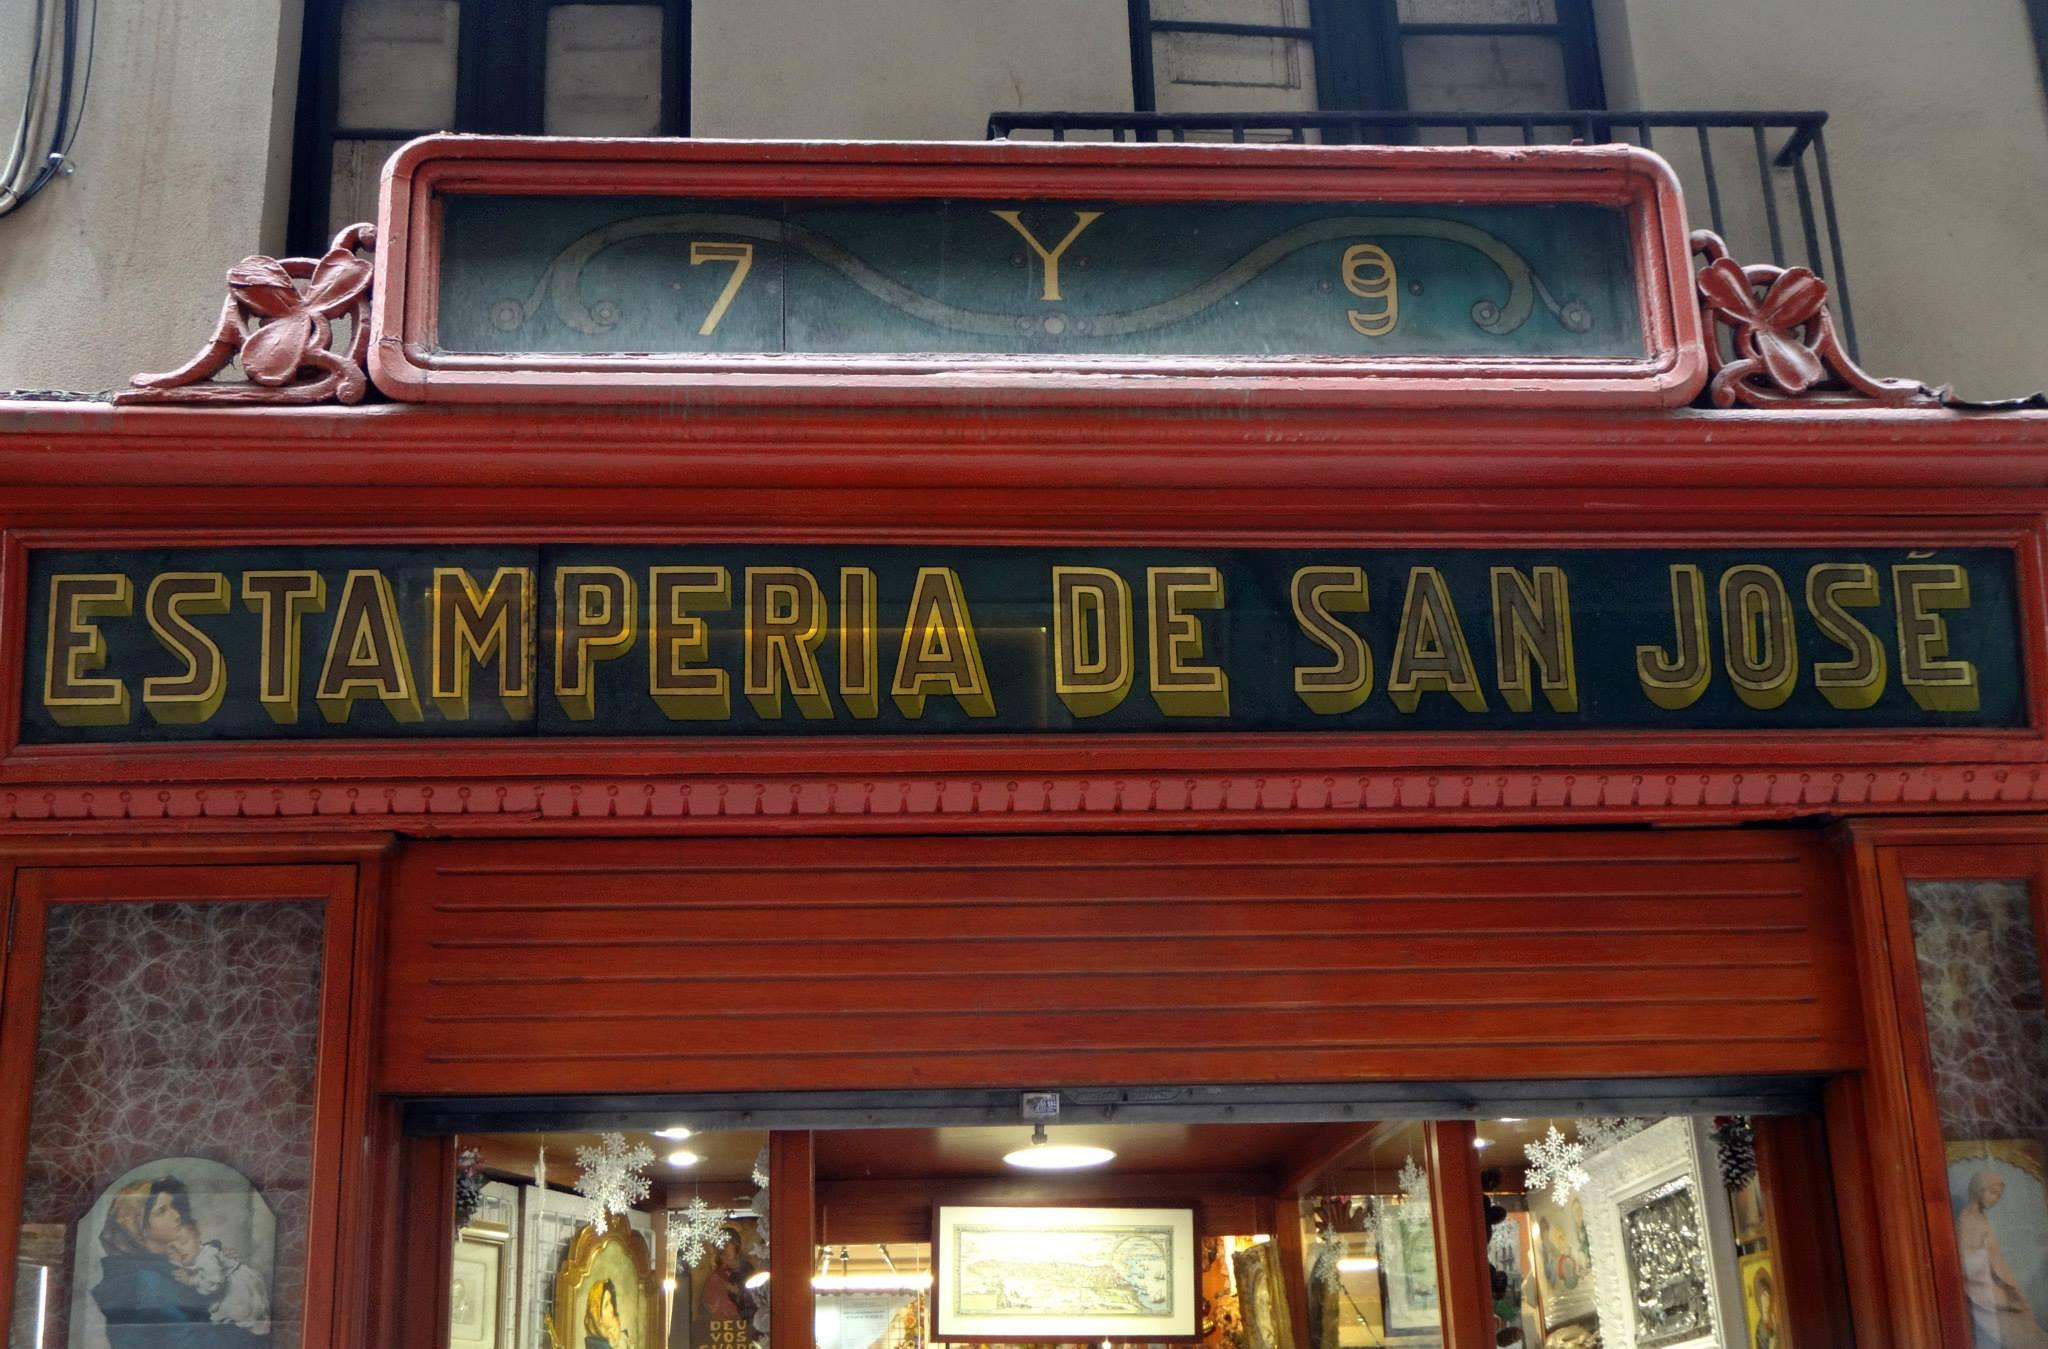 Estampería de San José, autor desconocido #Barcelona @VisitBCN_ES #barcelona